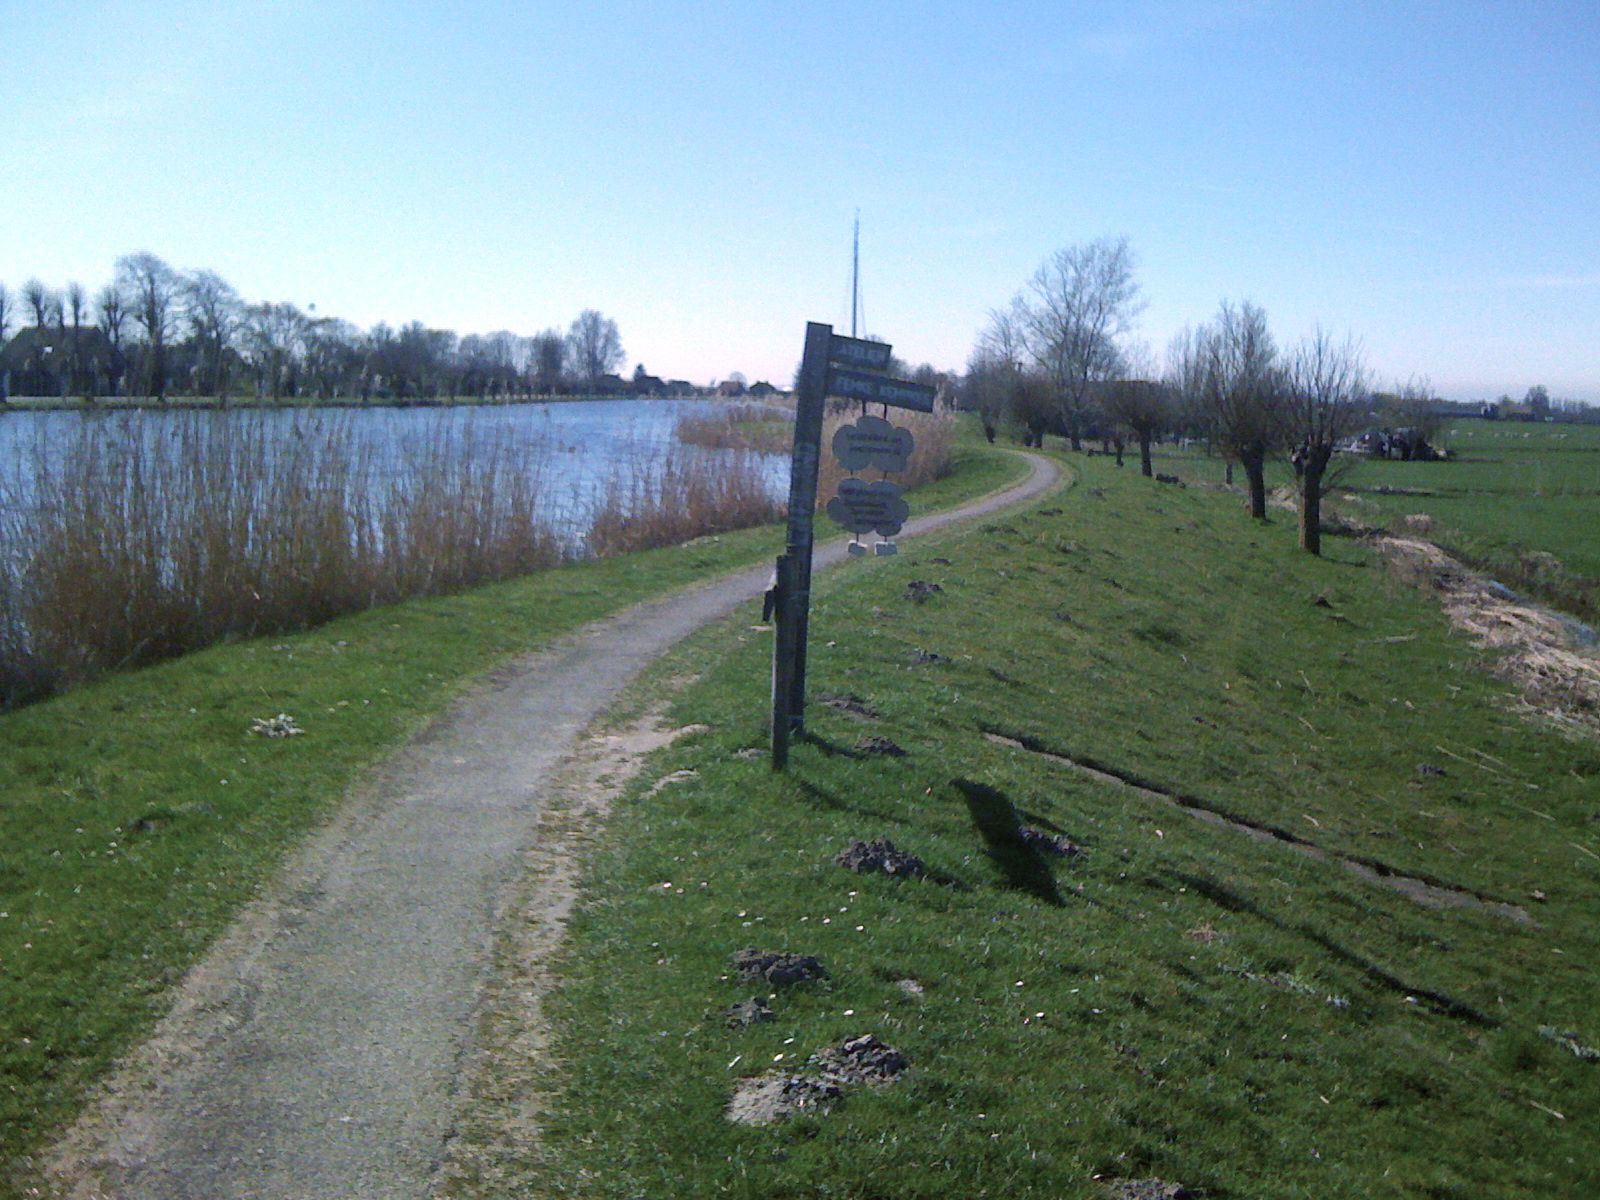 Jaagpad langs de Amstel - Fietstocht van Amsterdam naar Den Haag